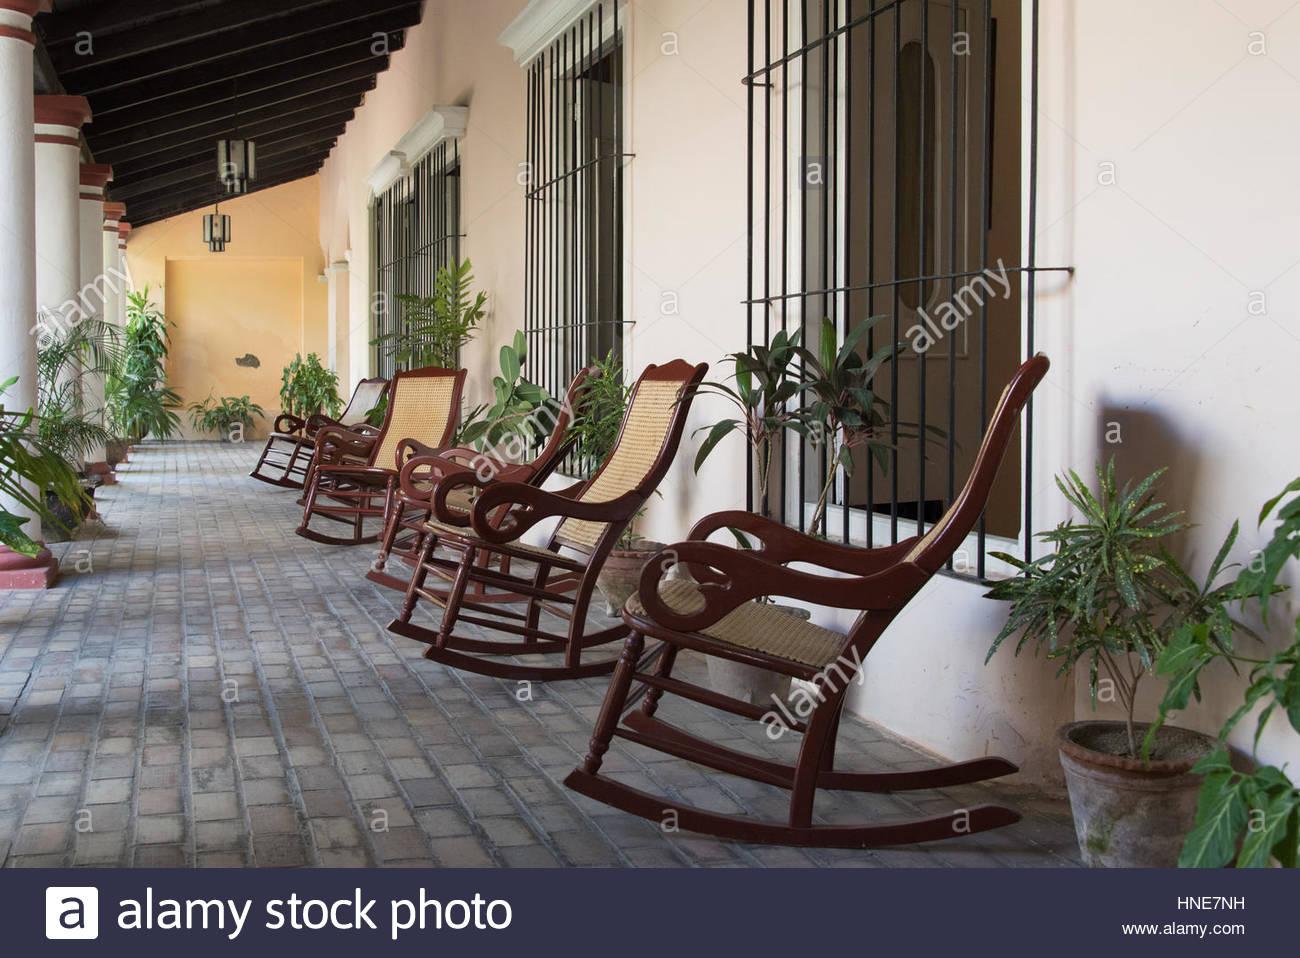 Arriere Cour Centrale Typique Des Vieilles Maisons